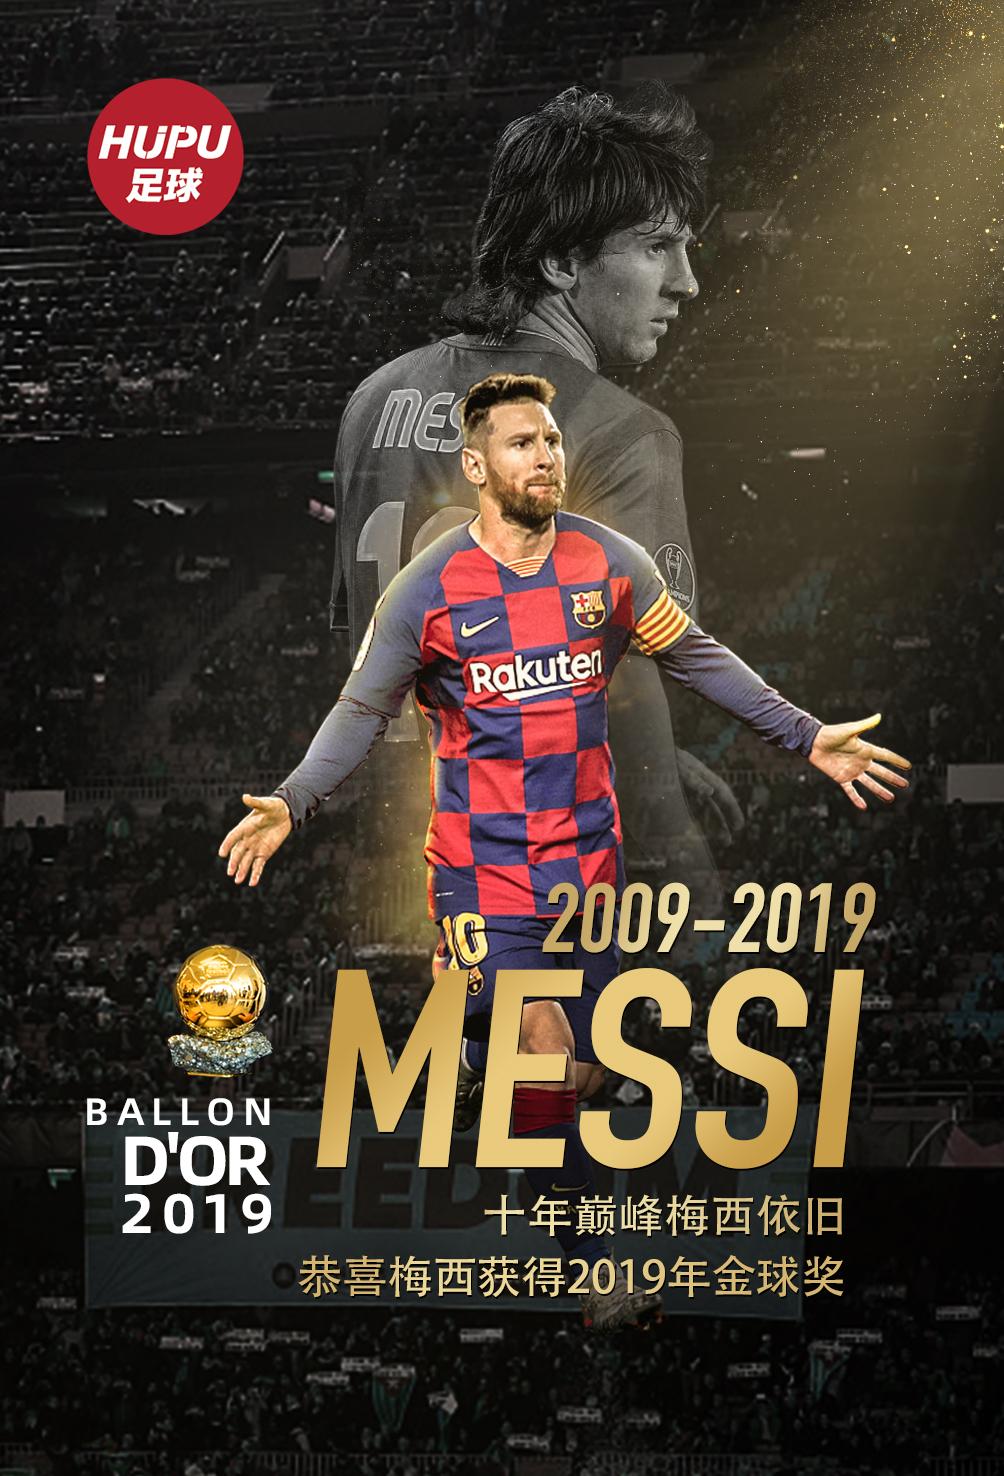 懸念揭曉,梅西獲得2019年男子金球獎